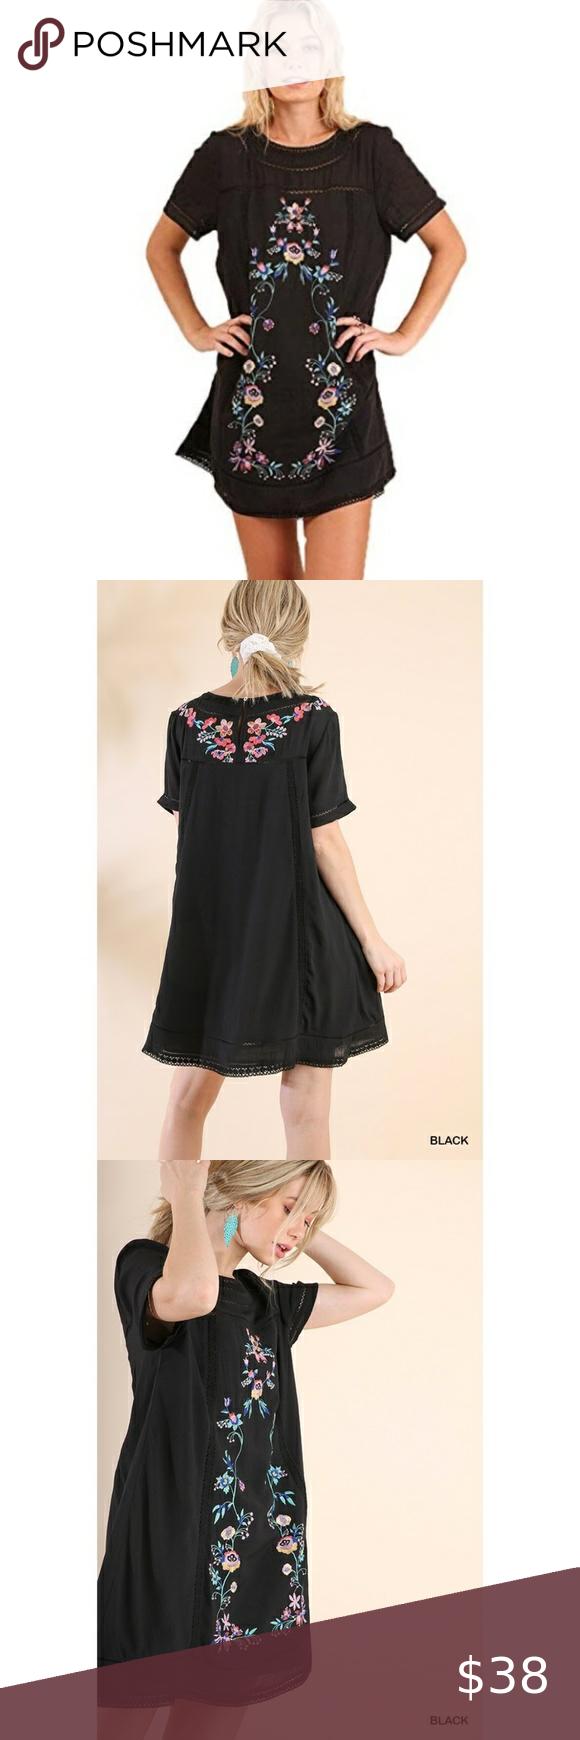 UMGEE Black Floral Embroidered Detail Boho Dress